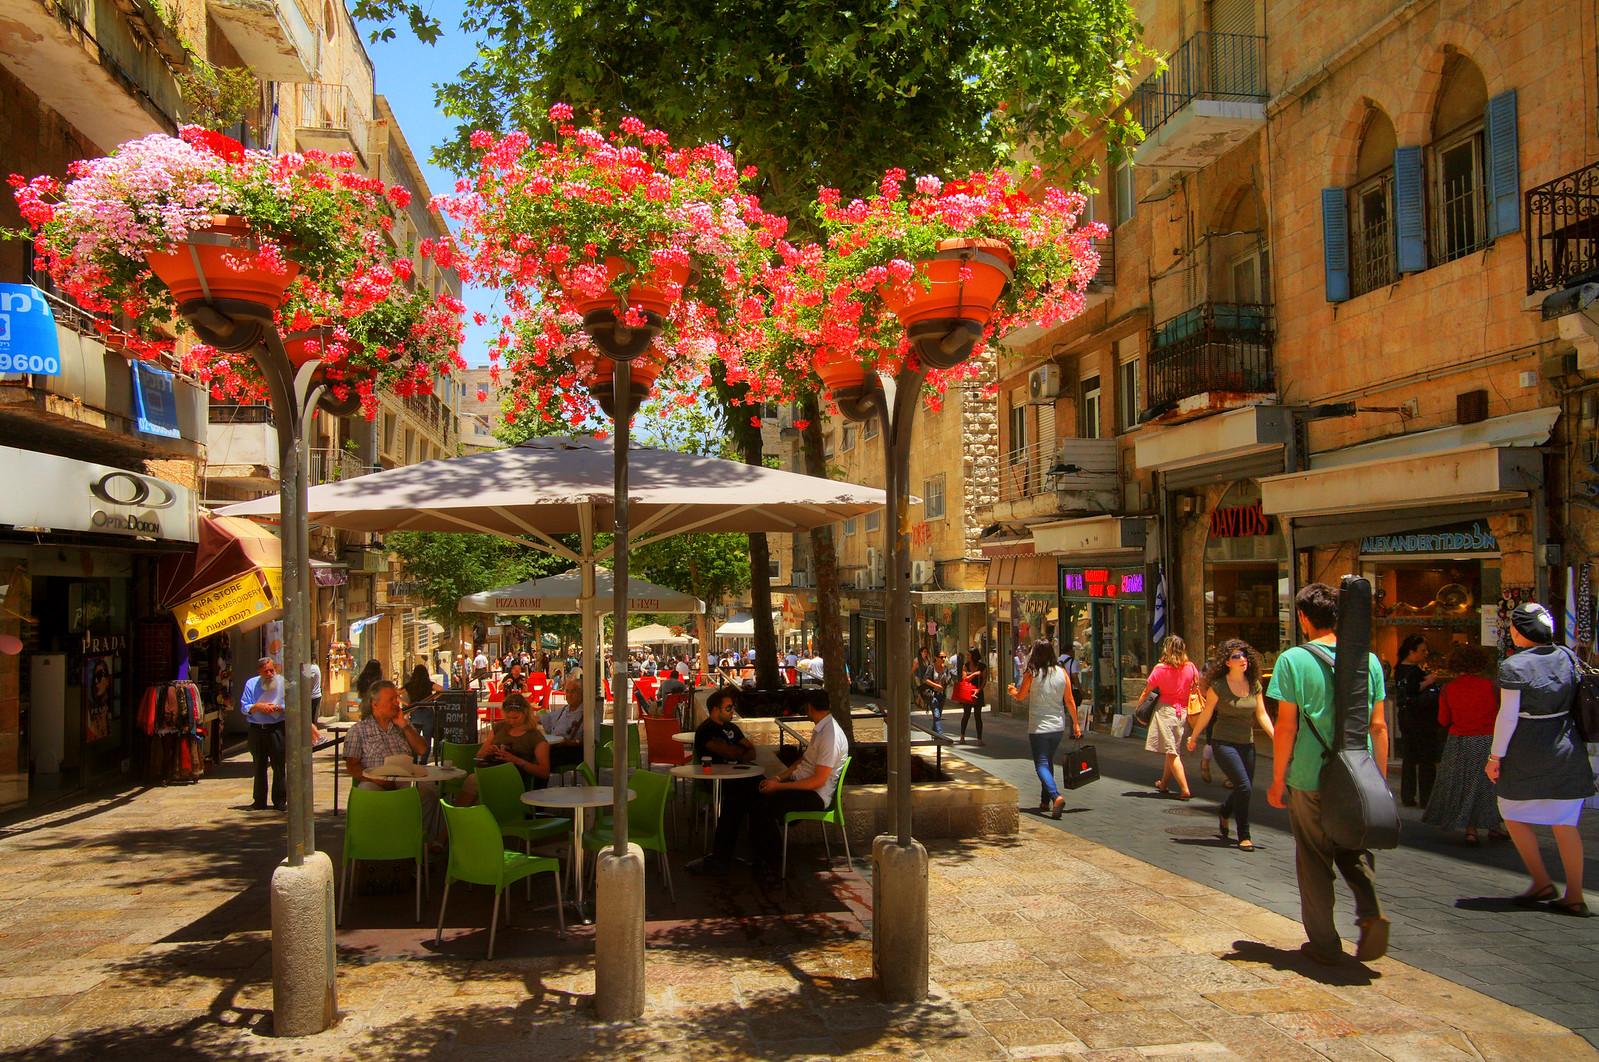 Jerusalem_City Center_8_Noam Chen_IMOT